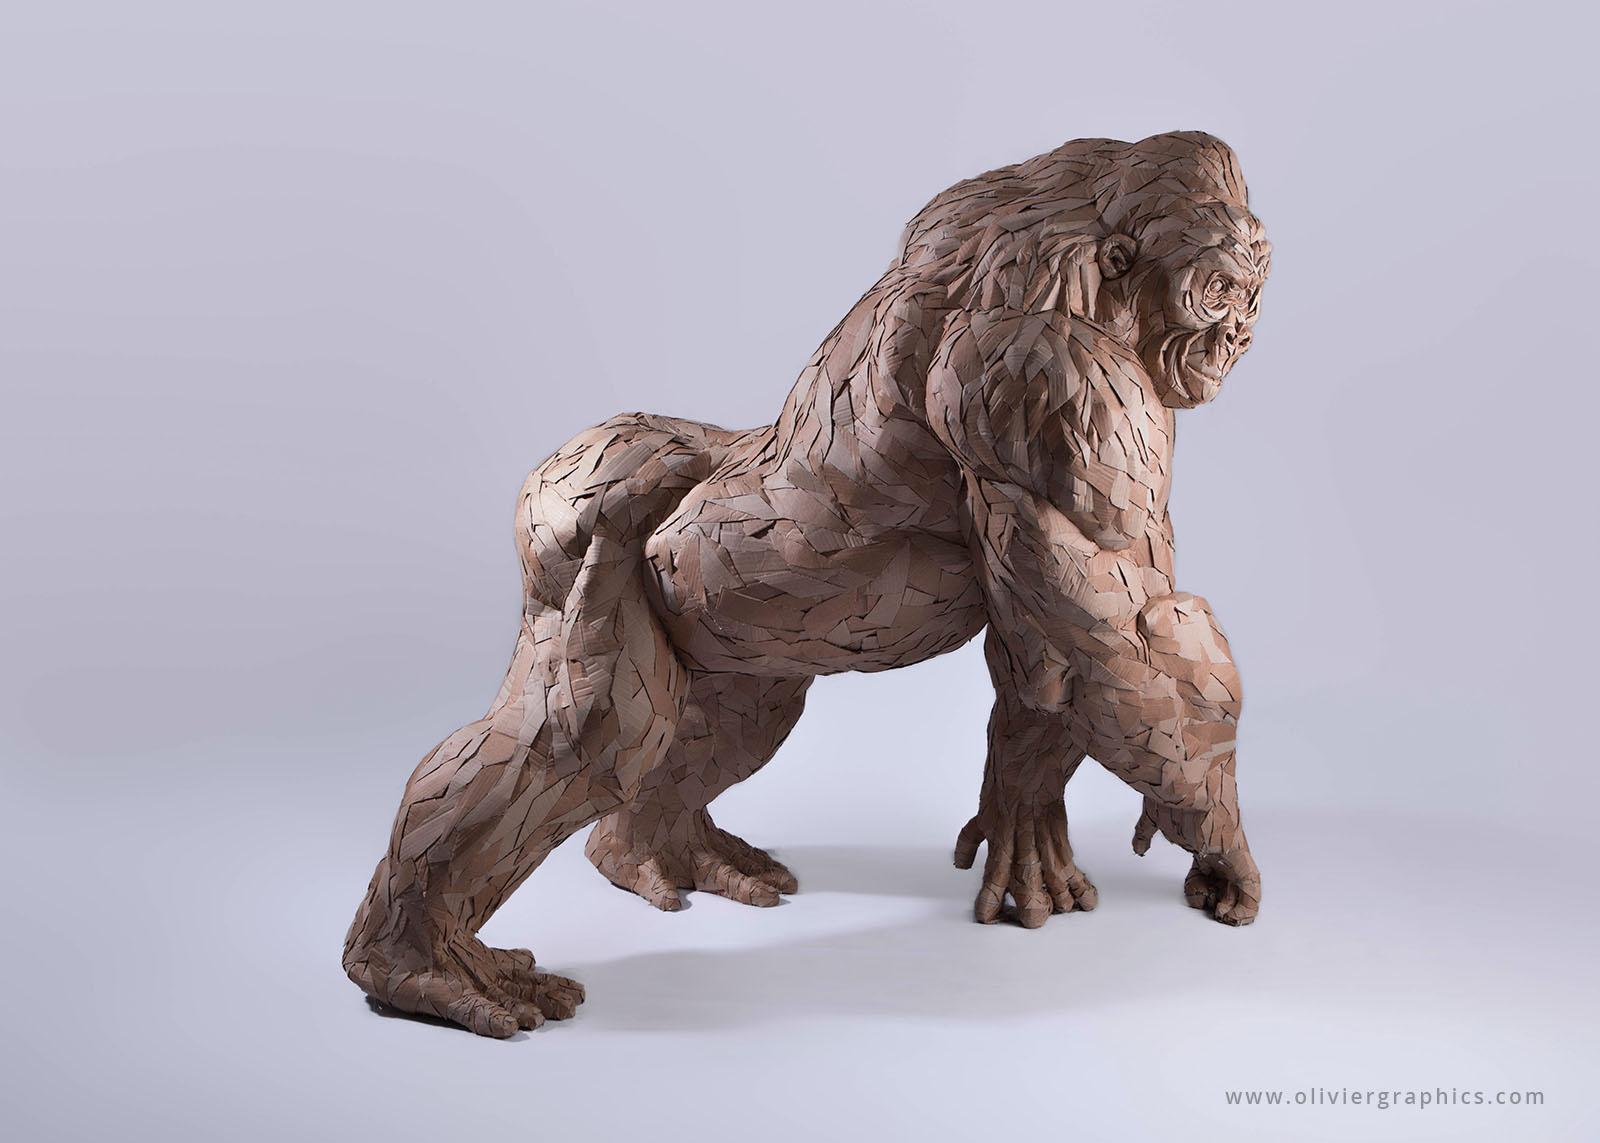 Cardboard gorilla sculpture by Olivier Bertrand. Sculpture de gorille en carton par Olivier Bertrand